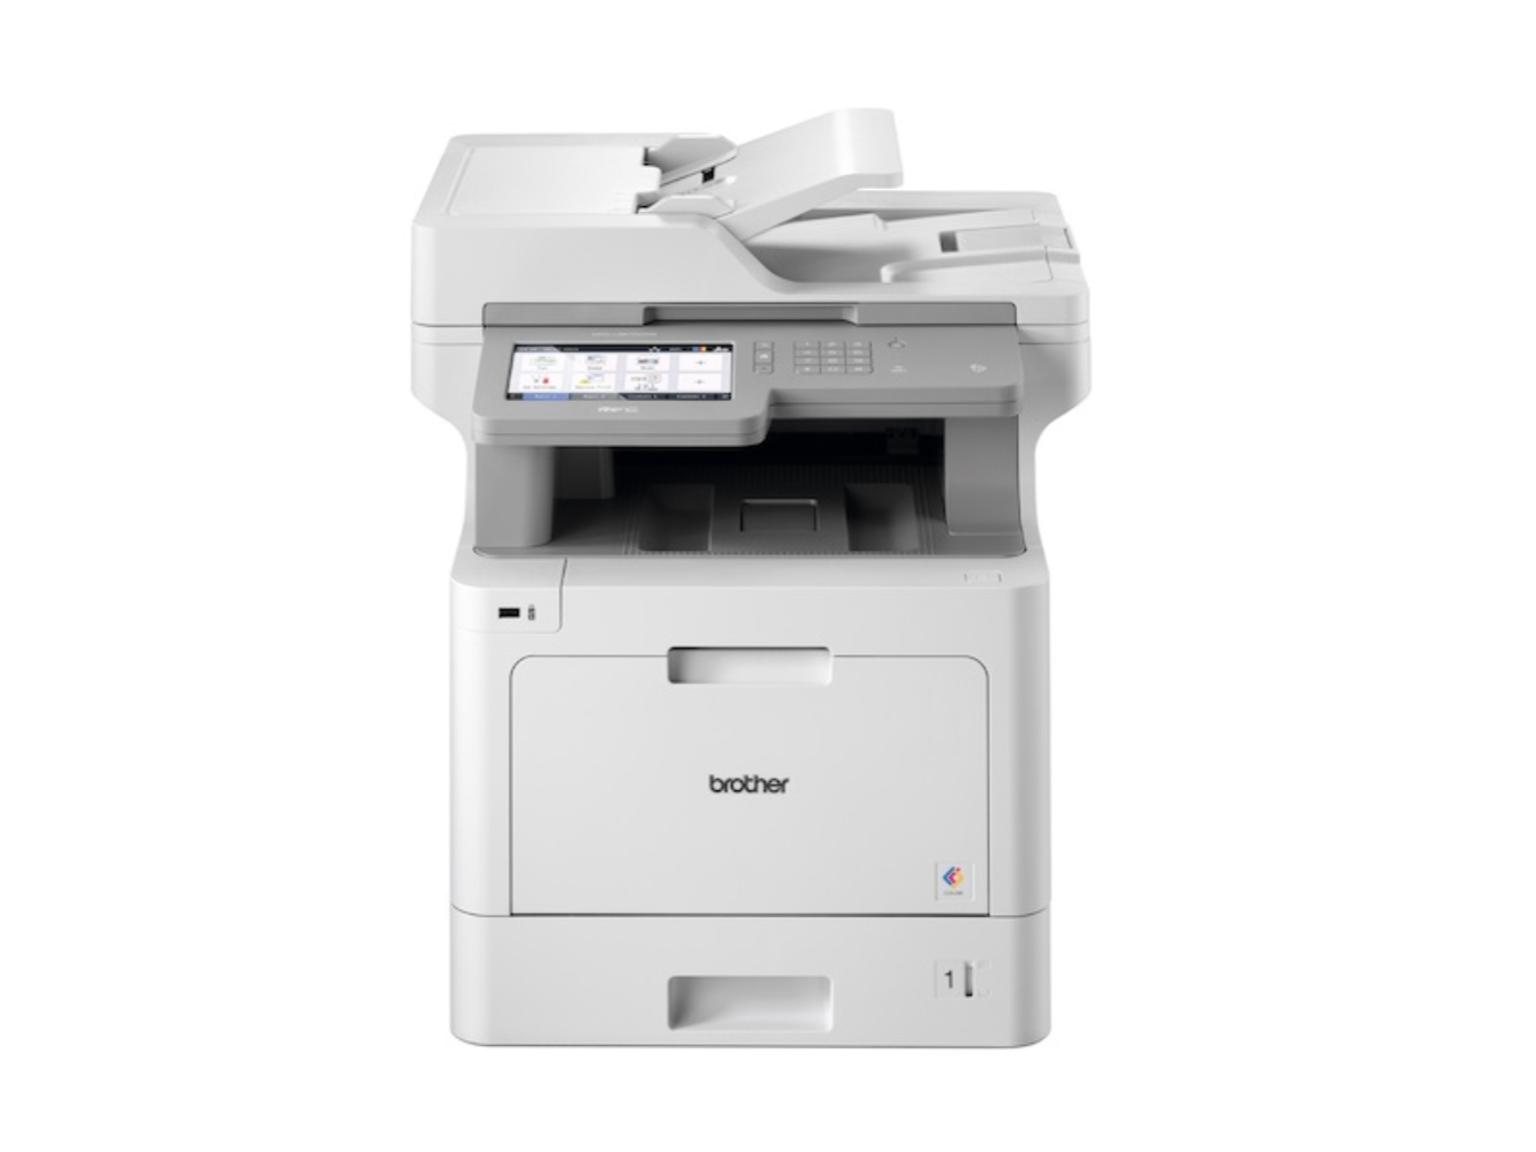 Impresora multifunción láser MFC-L9570CDW Brother